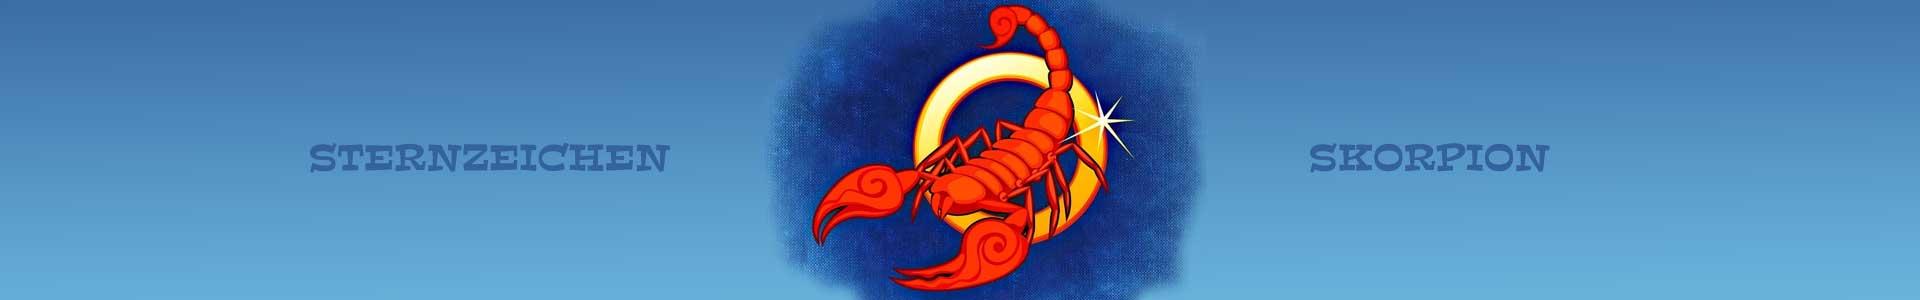 das Sternzeichen Skorpion